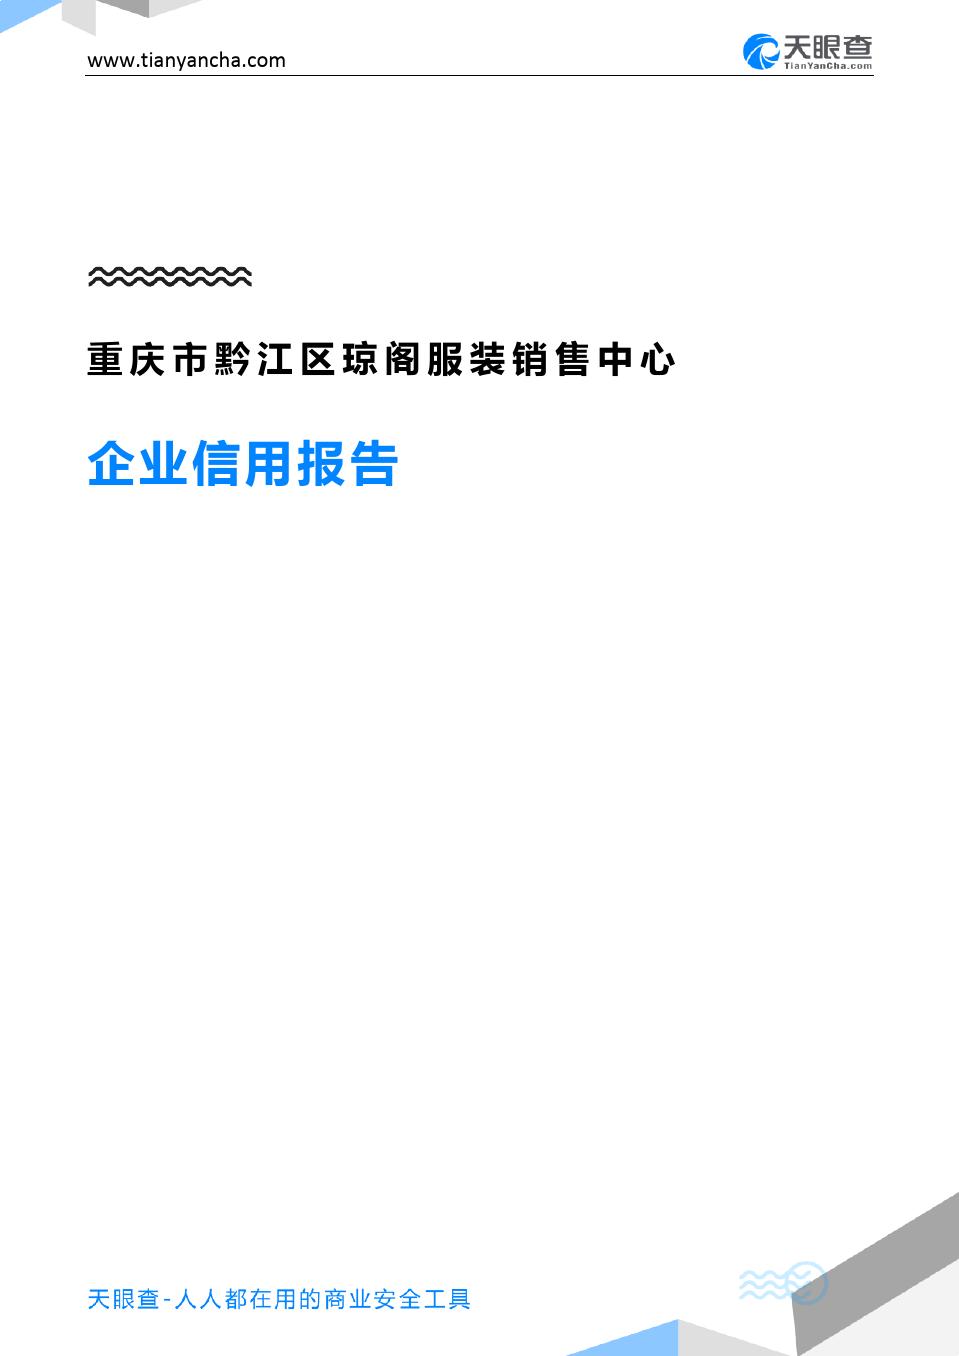 重庆市黔江区琼阁服装销售中心(企业信用报告)- 天眼查